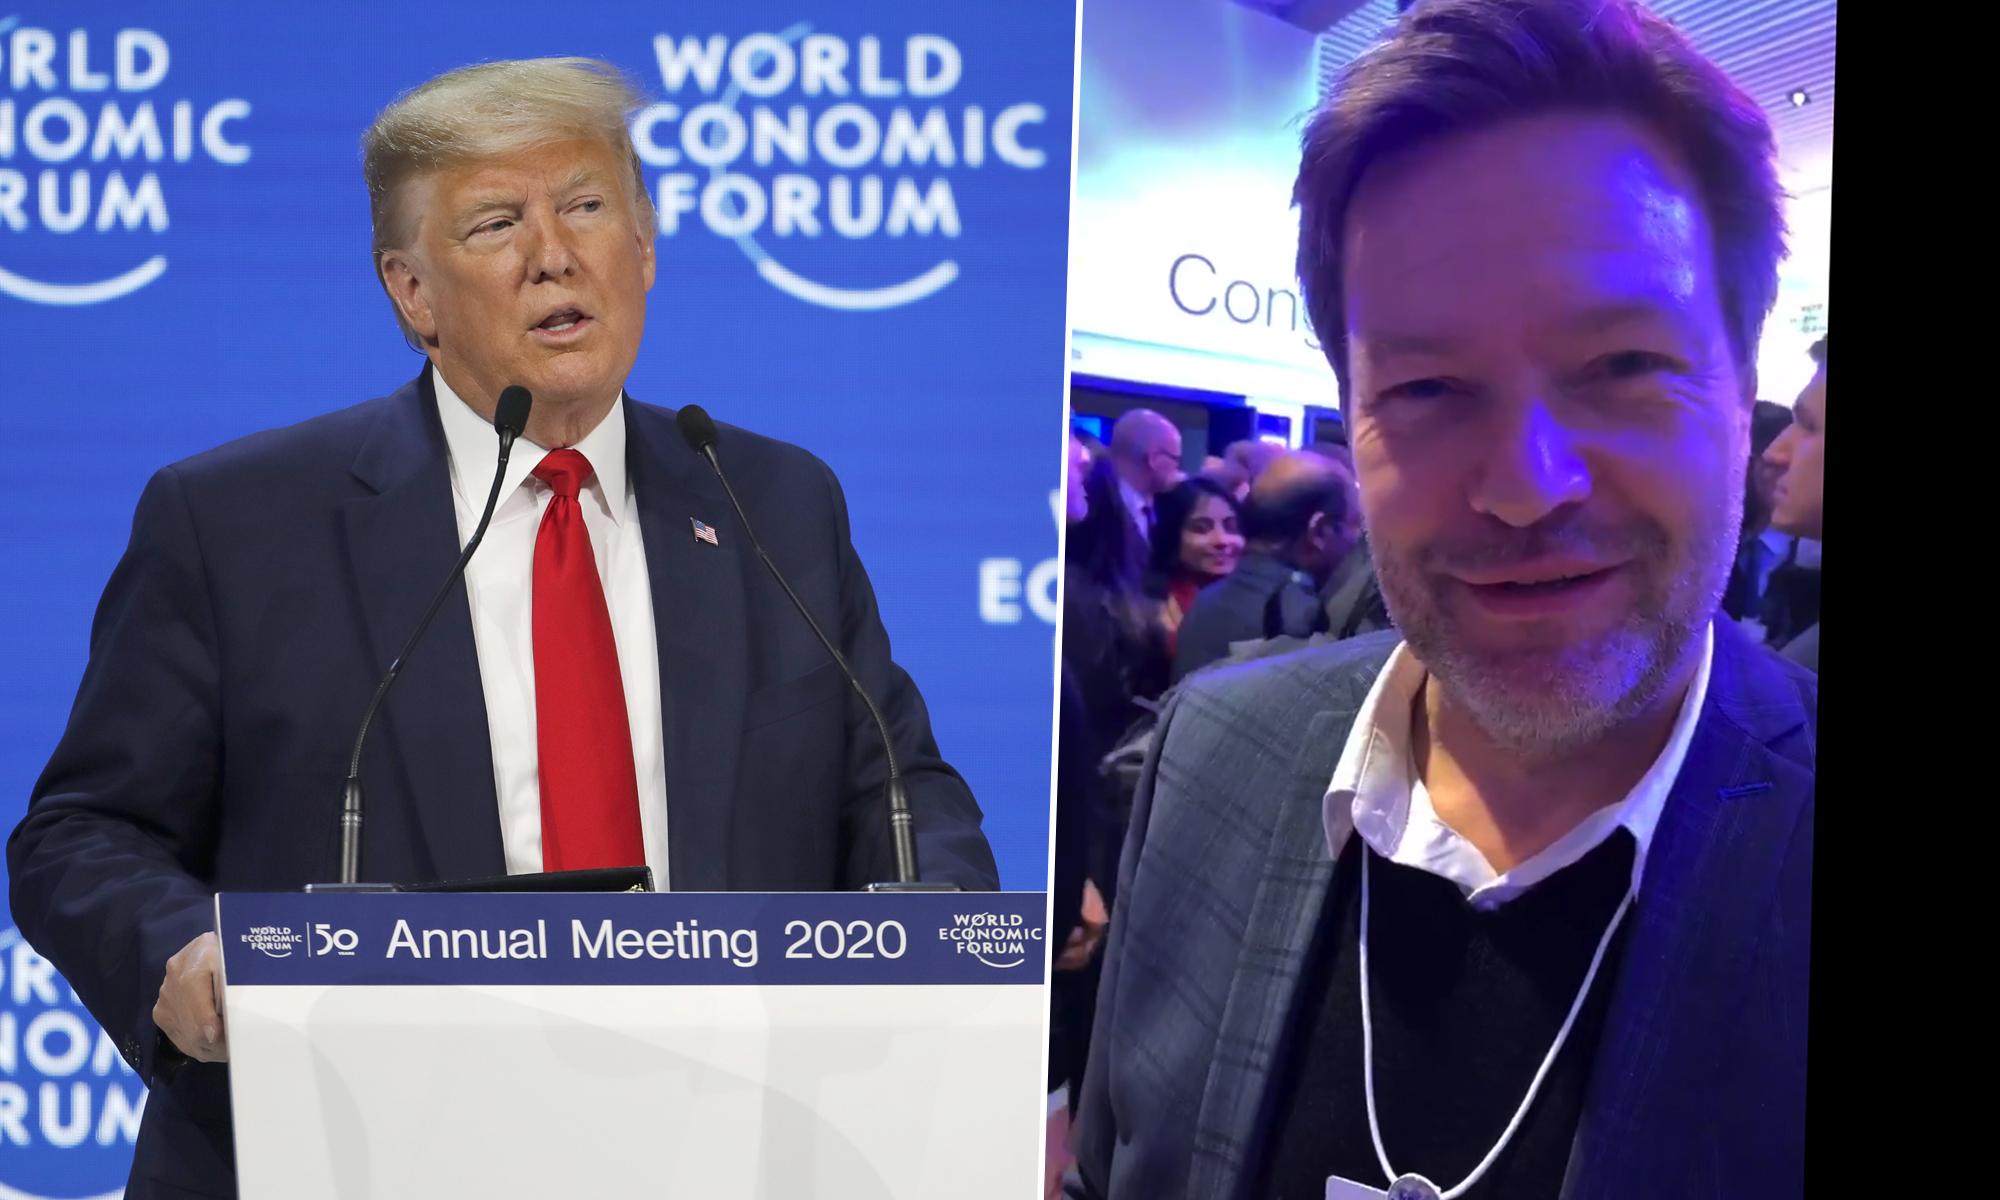 """Foto: Donald Trump (l.) und Grünen-Chef Robert Habeck: """"Nur Selbstlob, Ignoranz, Mißachtung von allen Leuten"""" picture alliance / AP Photo / Twitter-Screenshot / JF-Montage"""